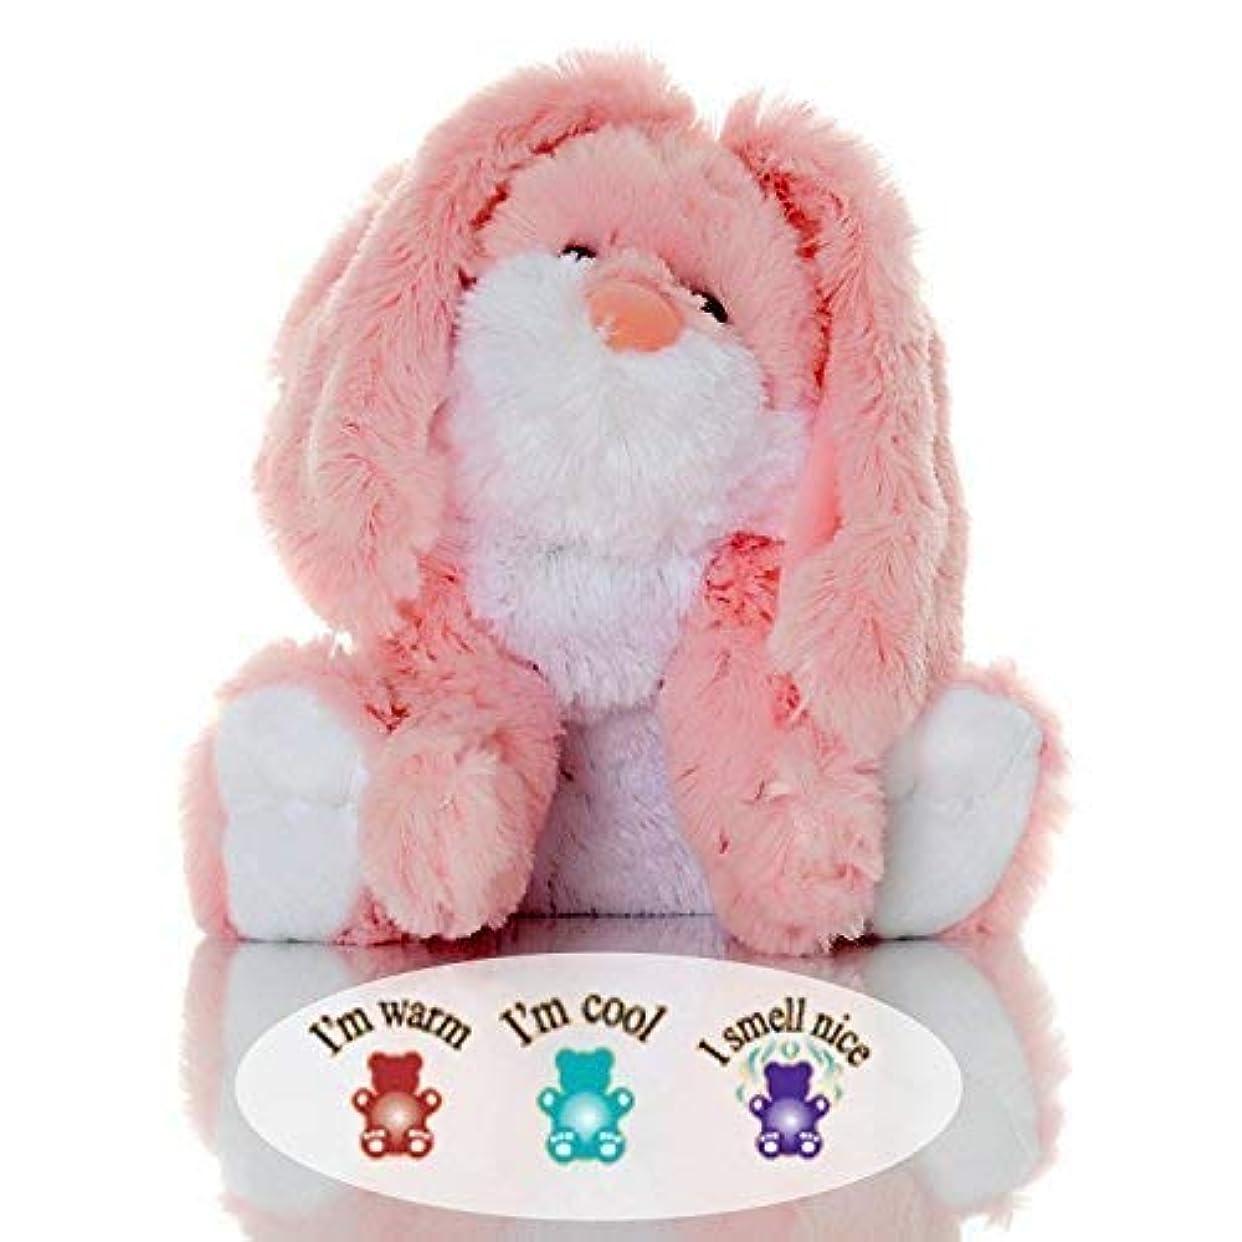 形順応性のある経度Sootheze Rosey Bunny Rabbit - Microwavable Stuffed Animal - Weighted Lavender Scented Aromatherapy - Hot and Cold...